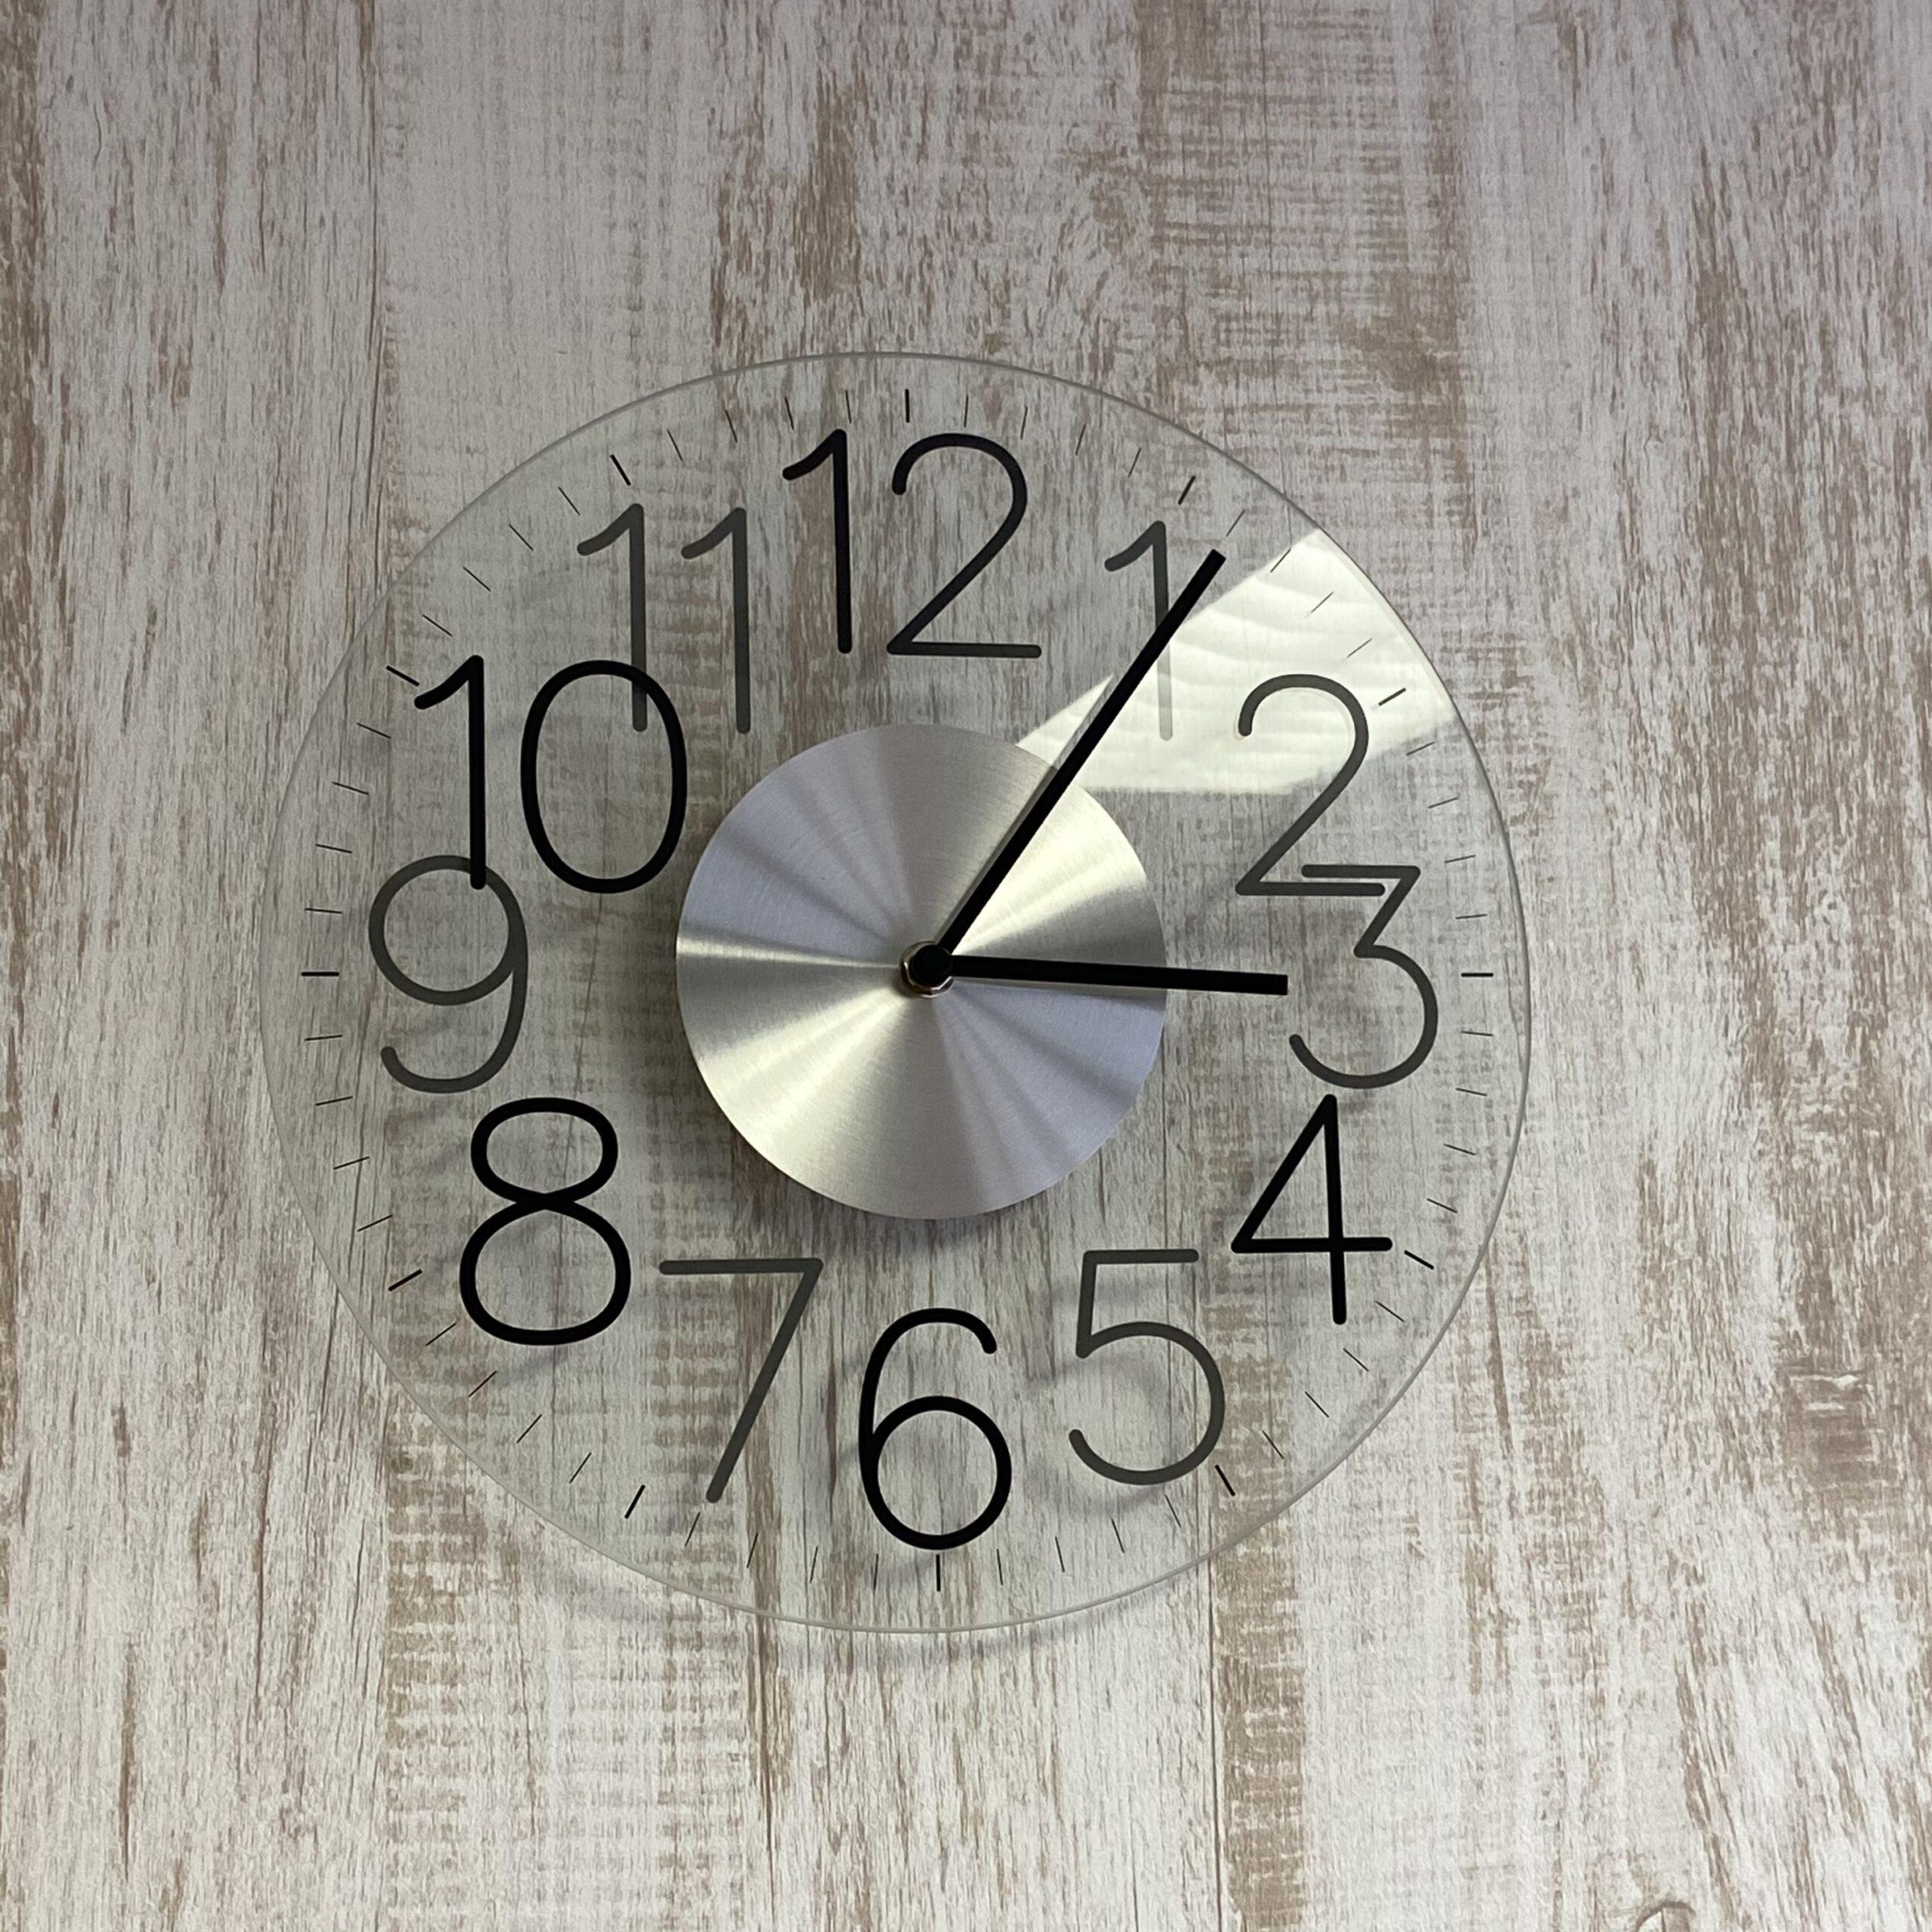 公開ミディアムシッティングで起きた、不思議な時計の話。